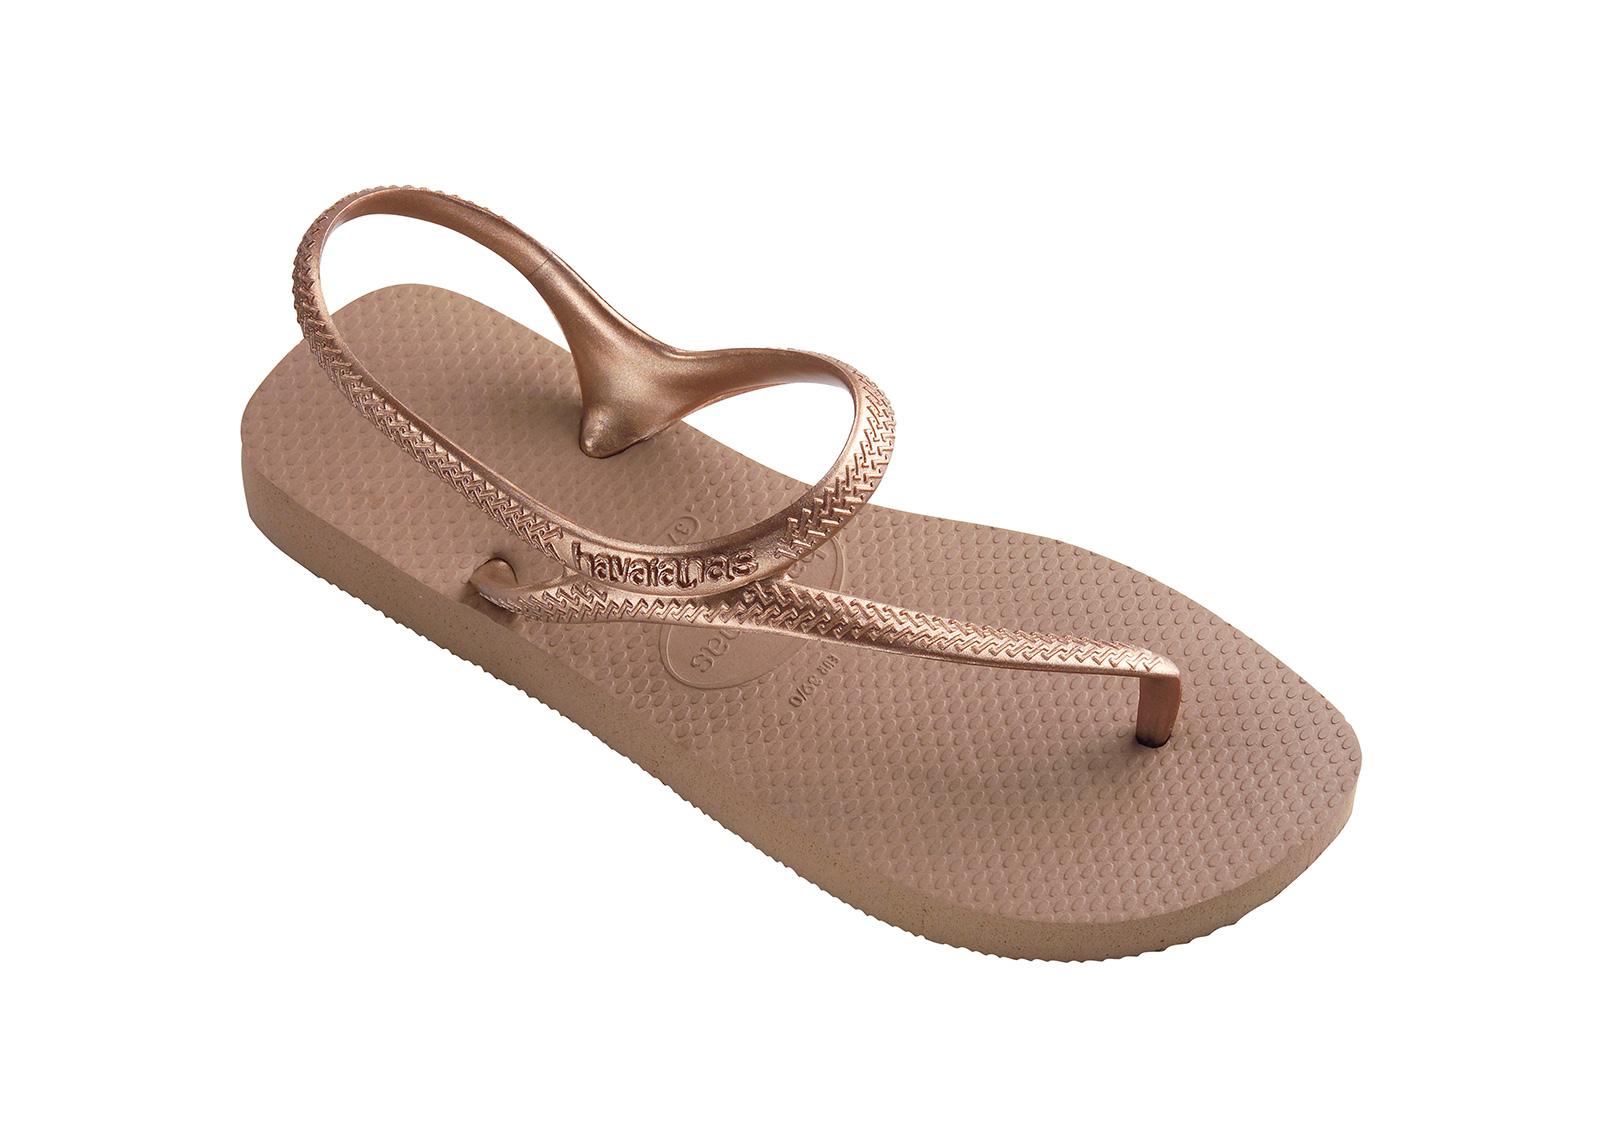 Vagabond Shoes Review